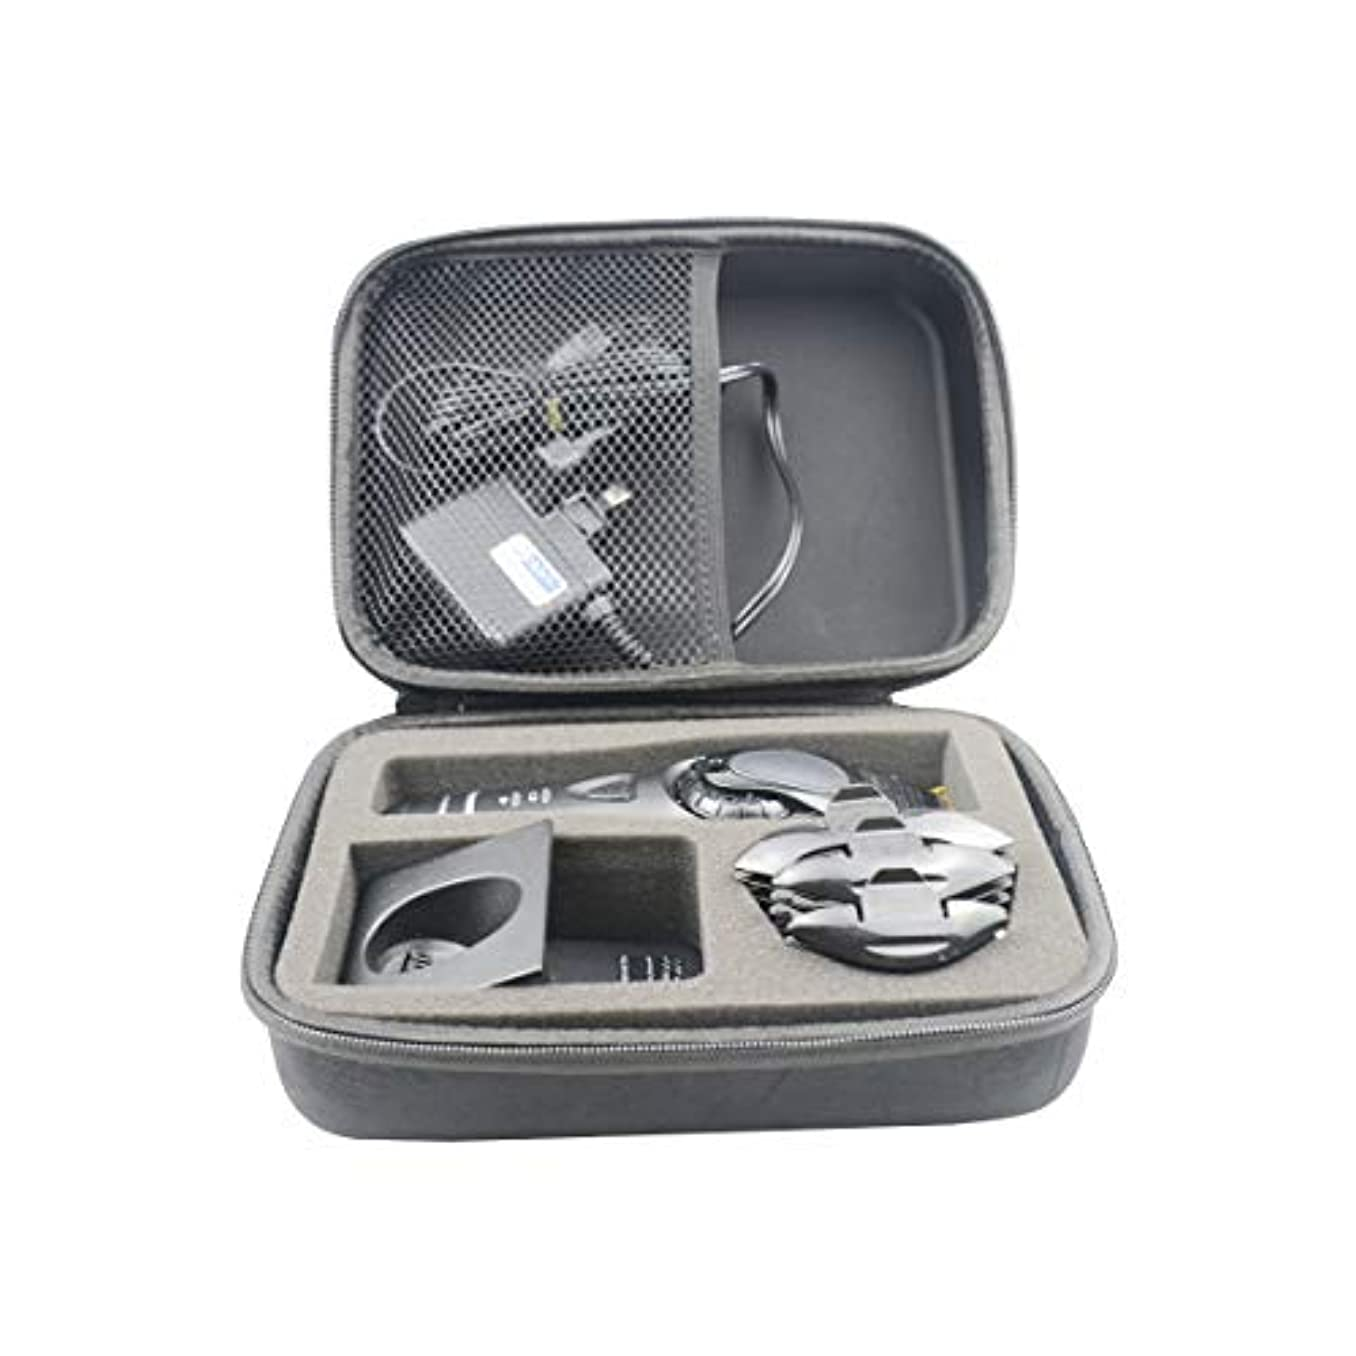 ふけるコードレスシャープSANVSENパナソニックER-GP80 Kプロフェッショナルヘアクリッパーハードスーツケース